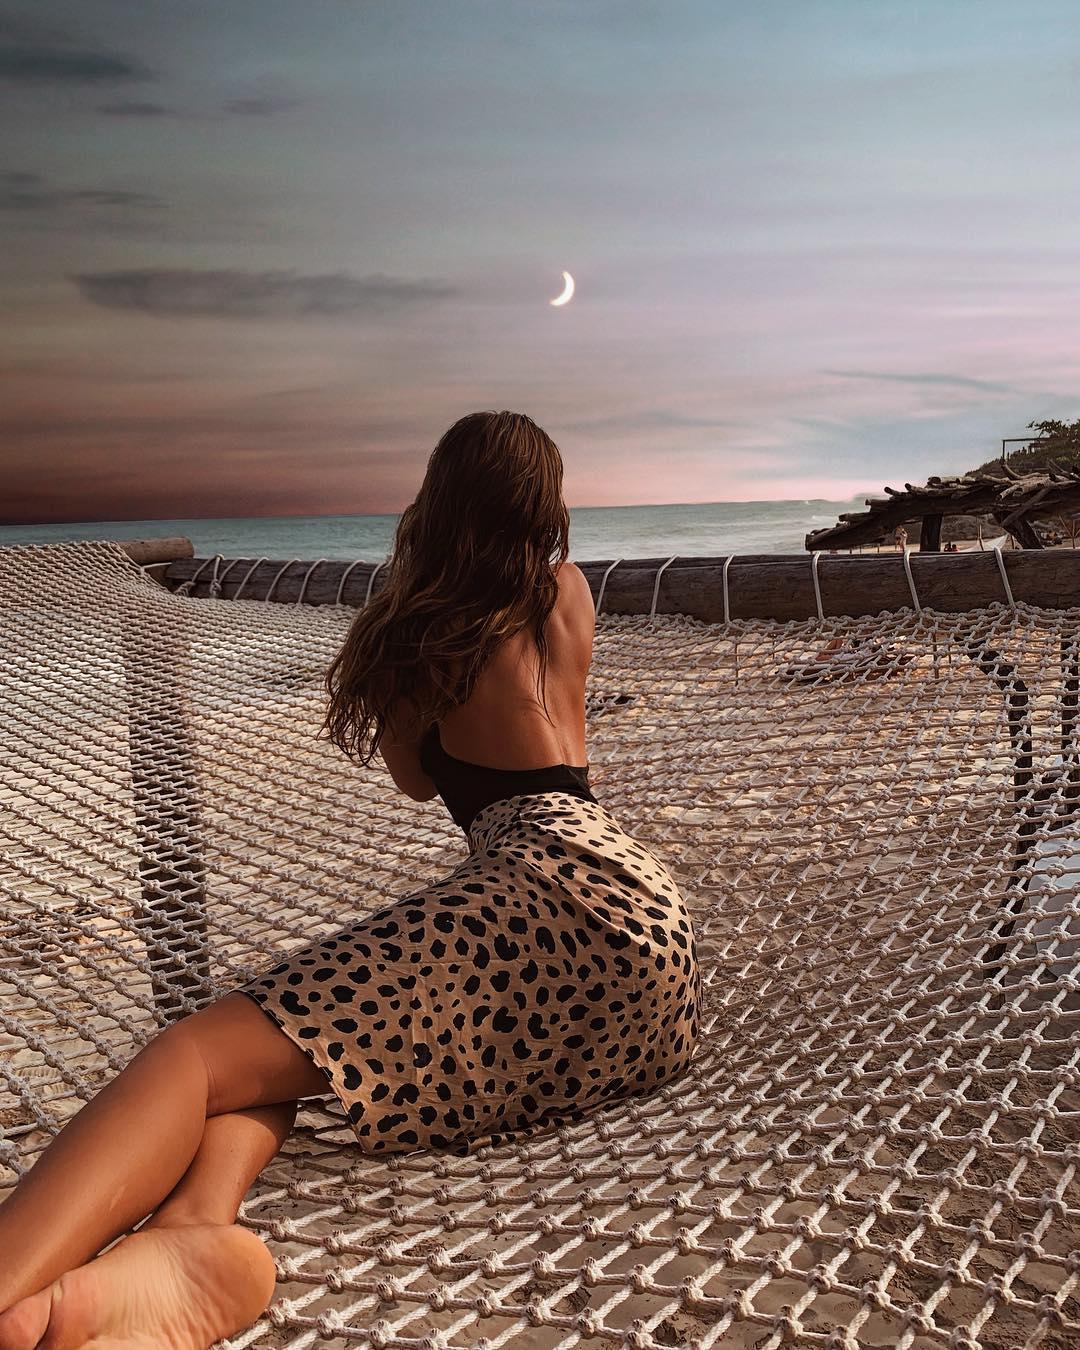 Стильная девушка в гамаке в Мексике